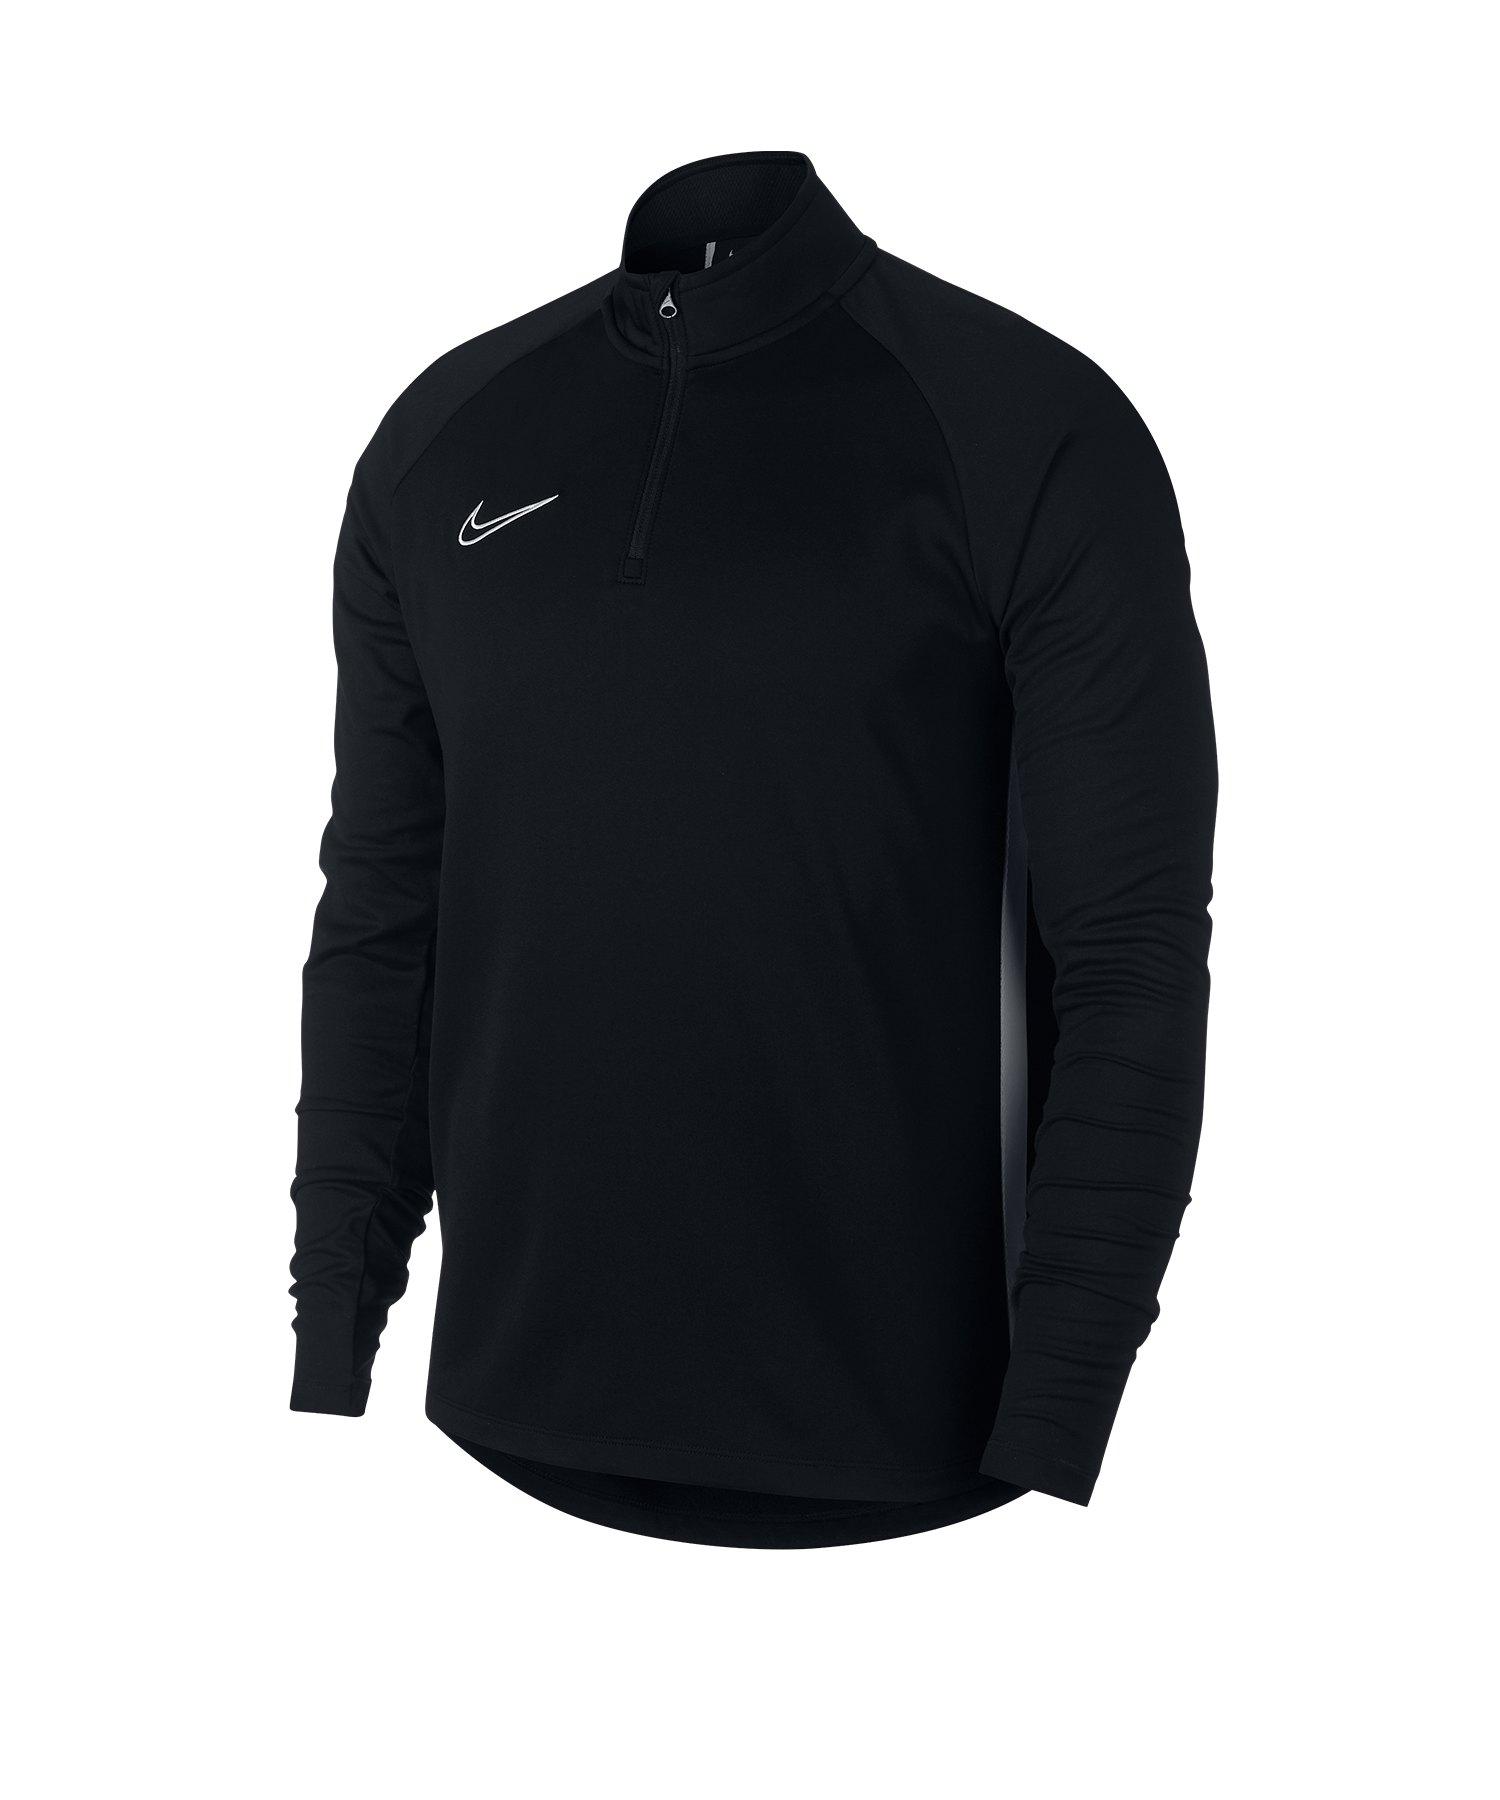 Nike Dry Academy Drill Top Schwarz F010 - schwarz